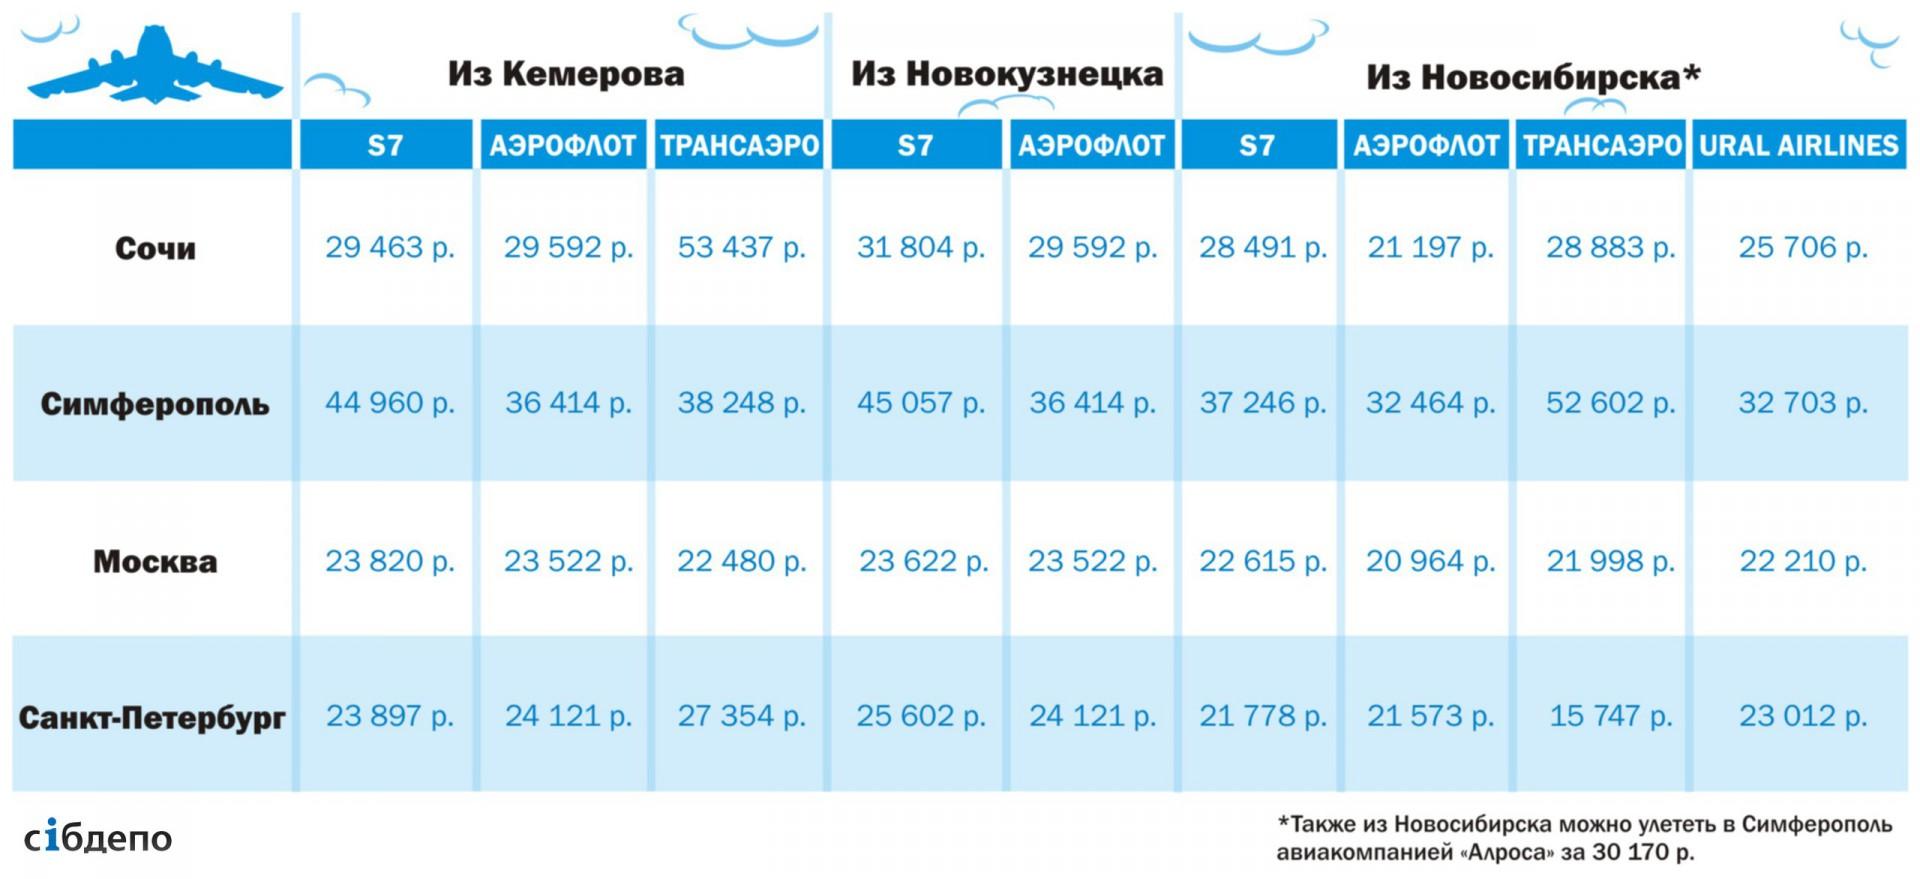 Стоимость билета насамолете купить на самолет билет дешево